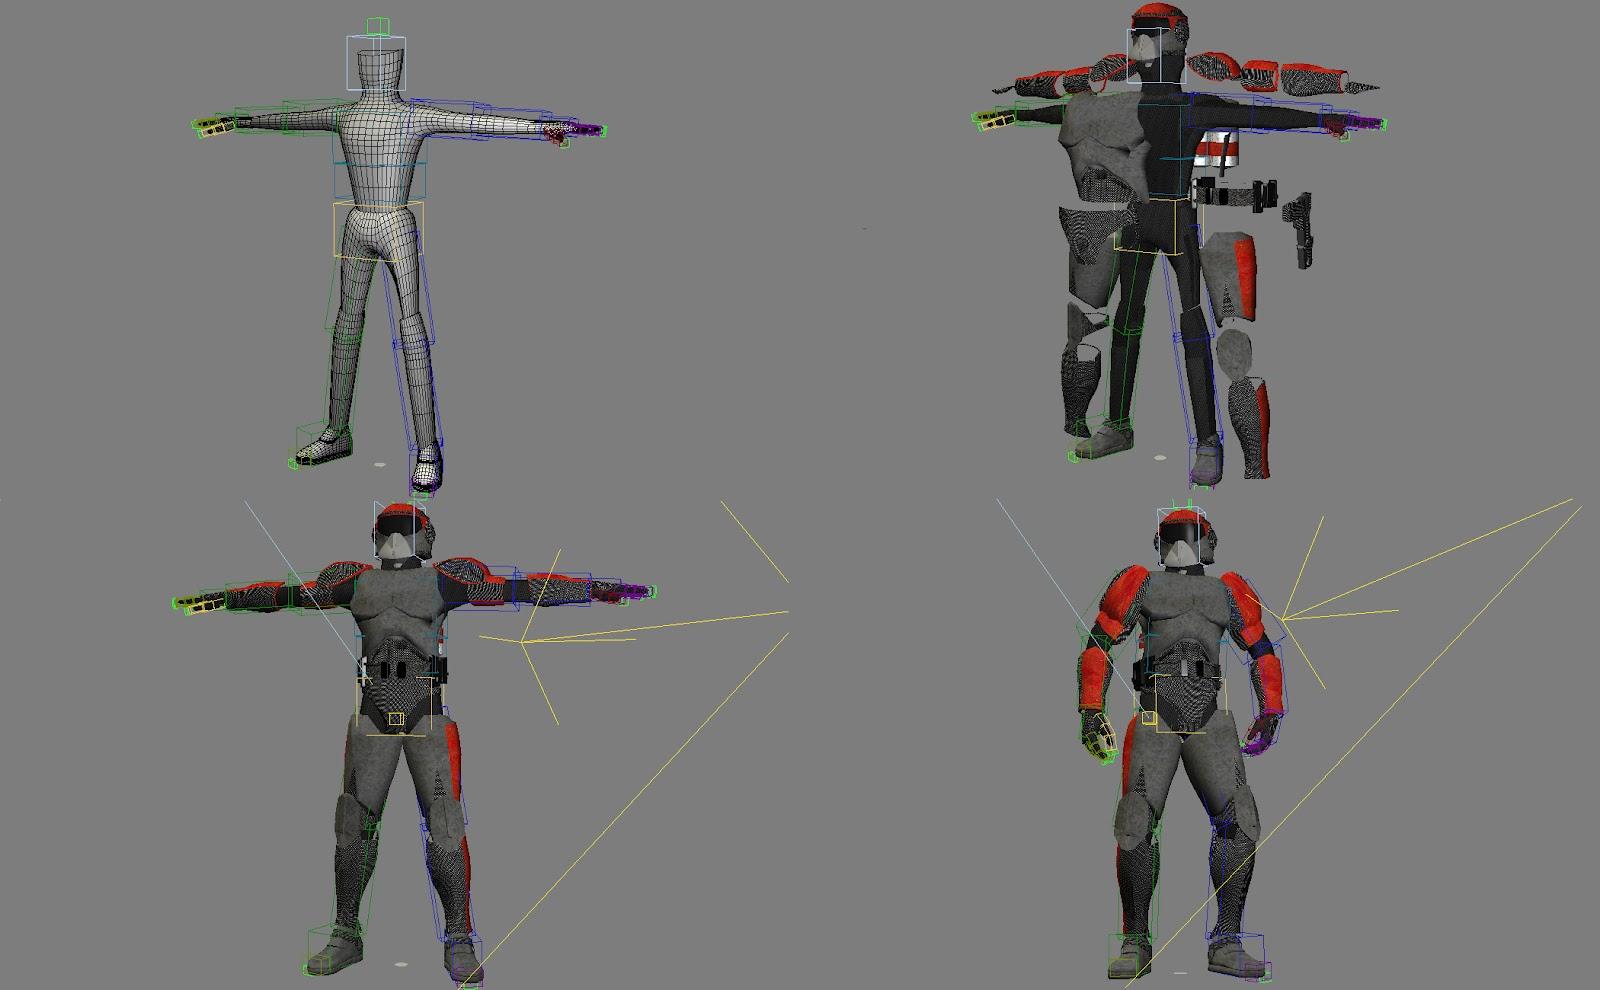 IMAGE(http://2.bp.blogspot.com/-JPiaw3Ddup4/UFw2-1g3NzI/AAAAAAAAAOc/Gs_G-LCAjH4/s1600/heros-mod01.jpg)